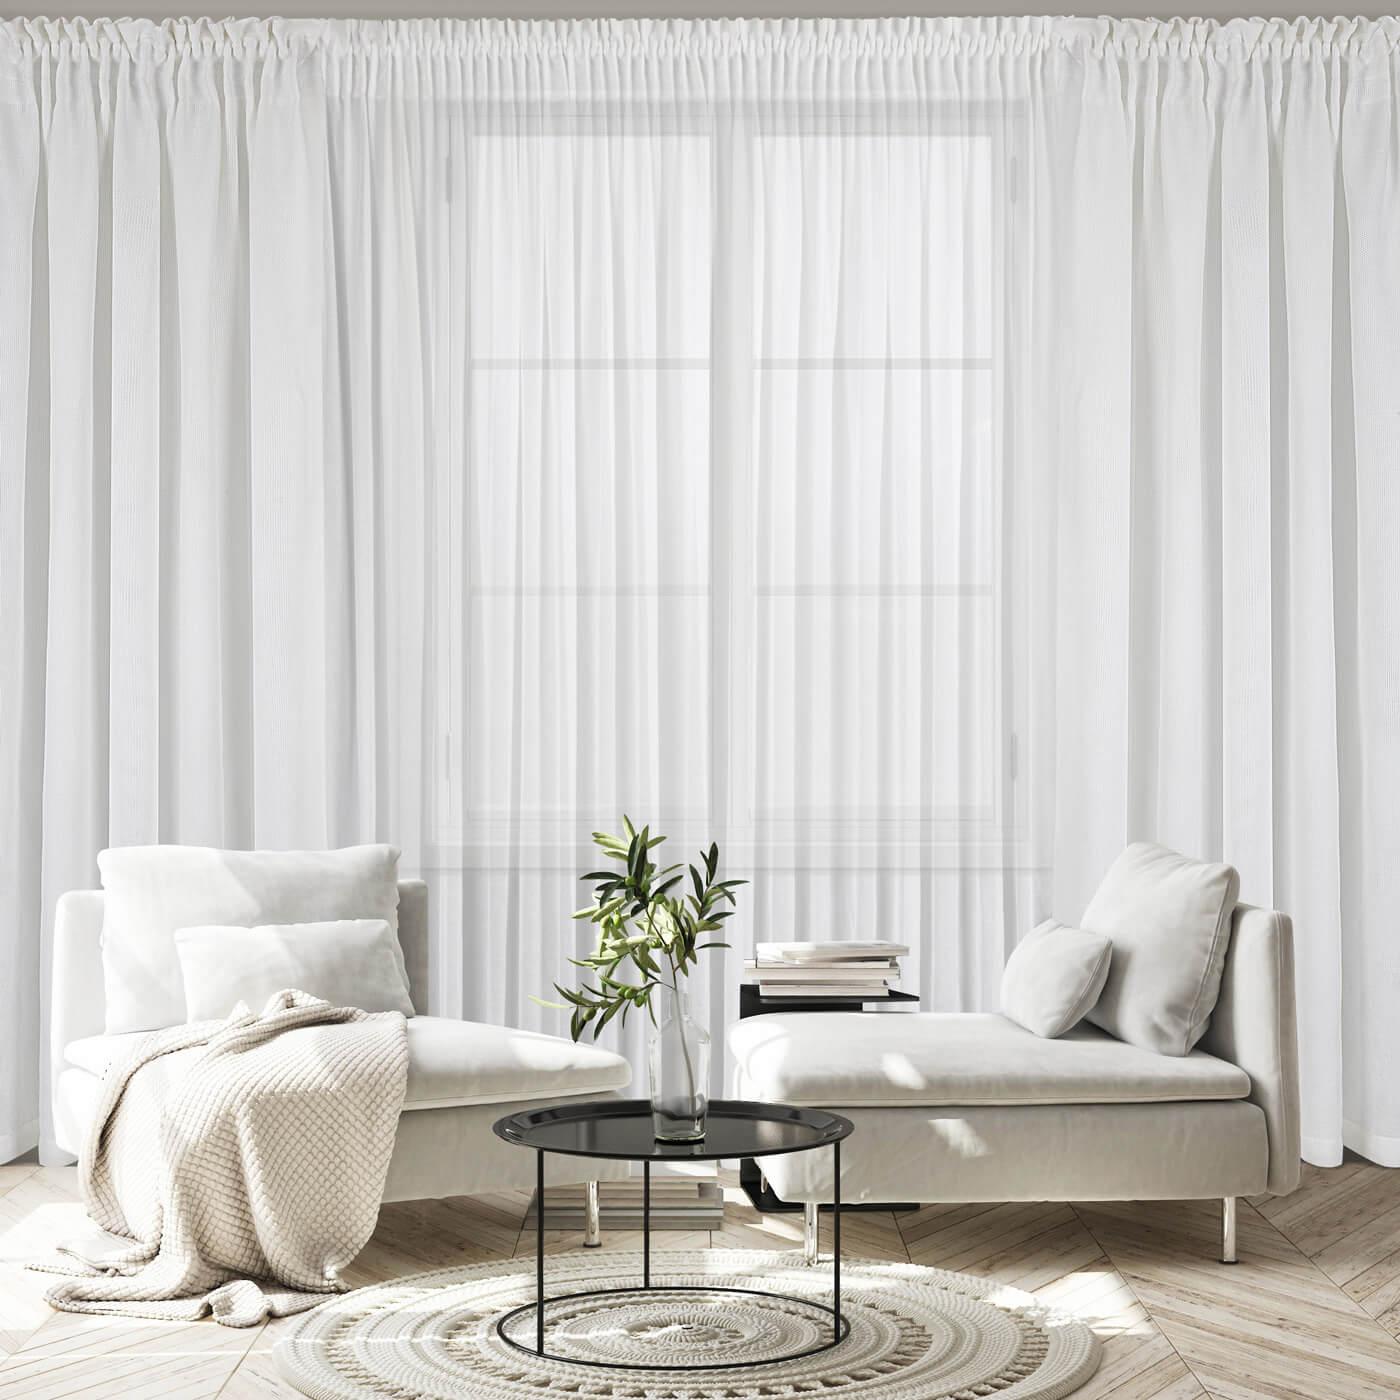 Jakie zasłony do salonu wybrać? Dobieramy zasłony do stylu wnętrza.